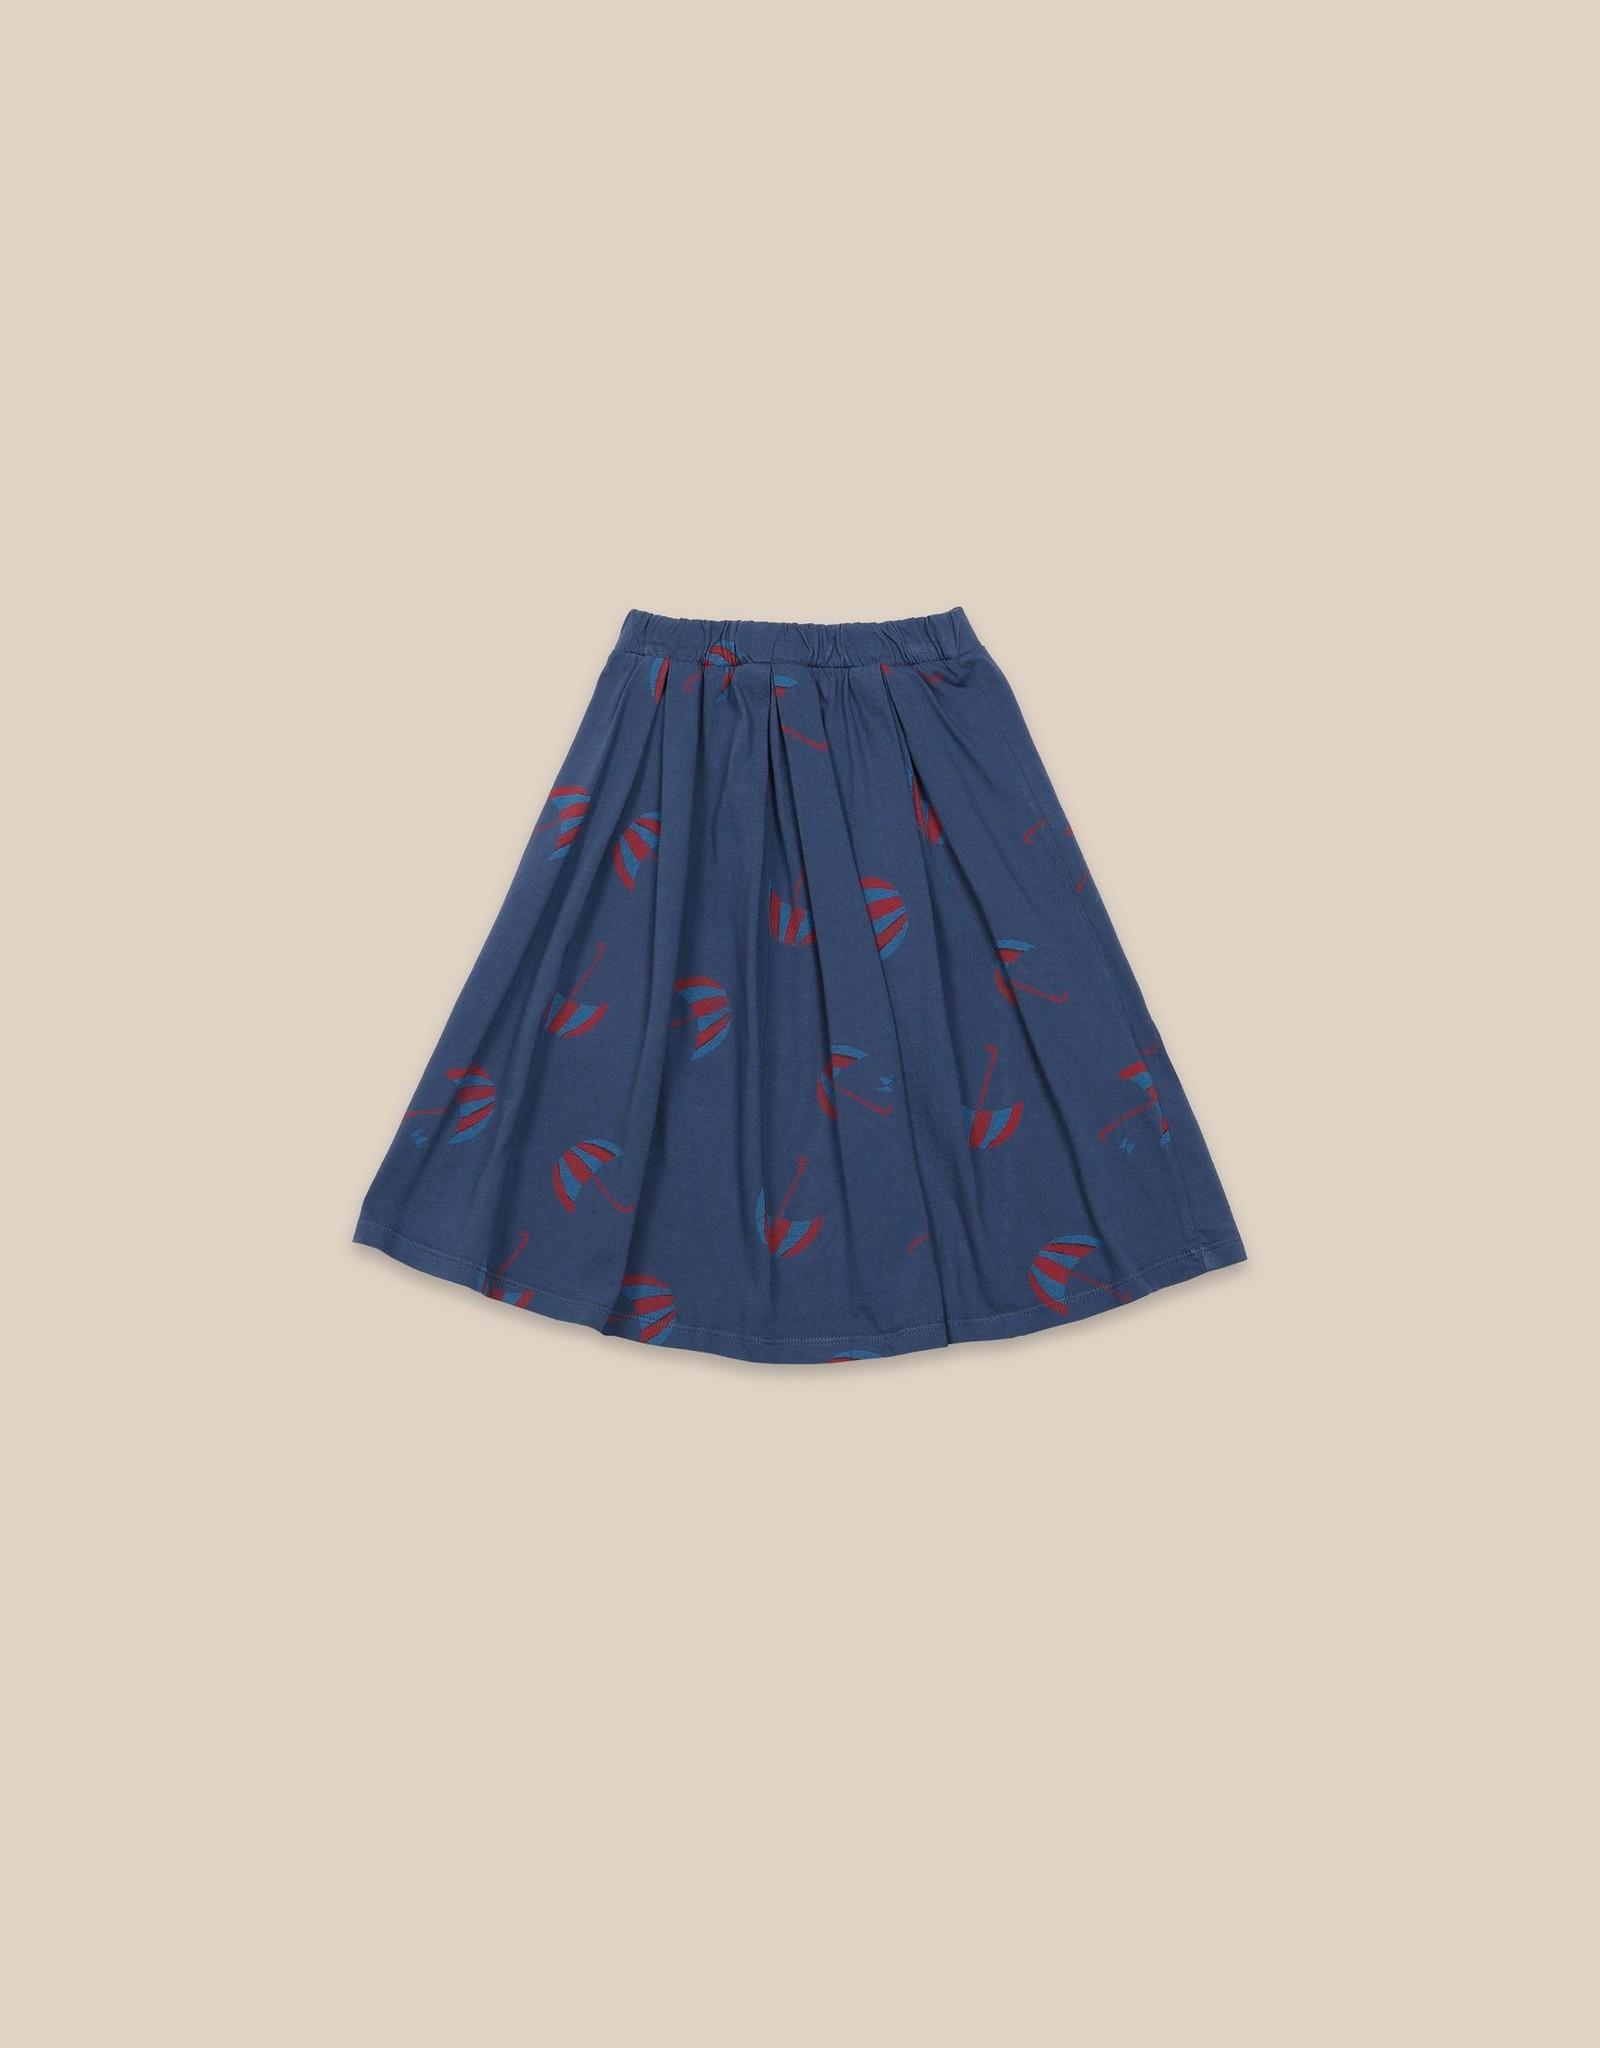 Bobo Choses - Umbrellas Skirt